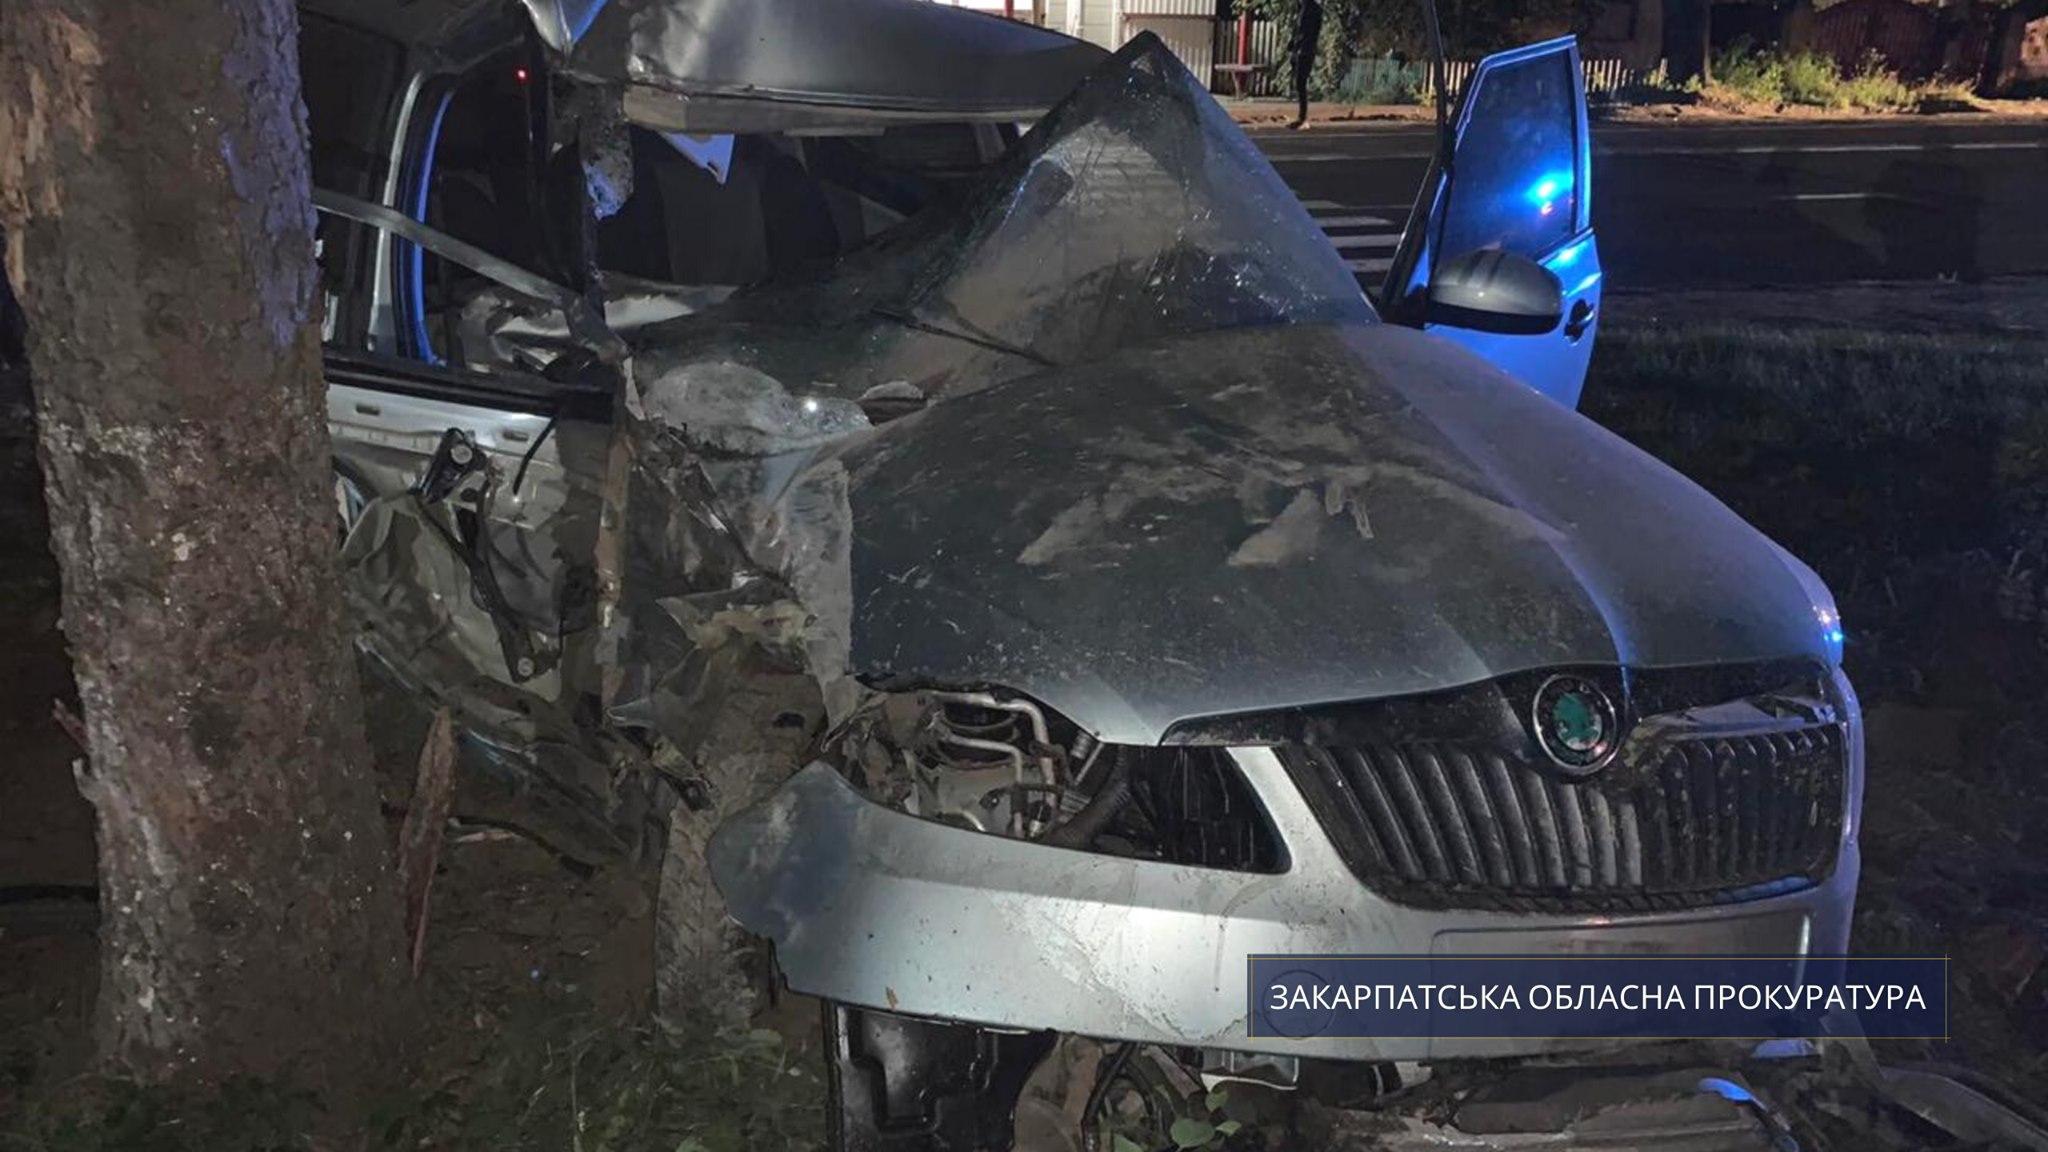 Ужгородська місцева прокуратура погодила підозру 23-річній ужгородці в порушенні правил безпеки дорожнього руху, що спричинило смерть потерпілого (ч. 2 ст. 286 КК України).